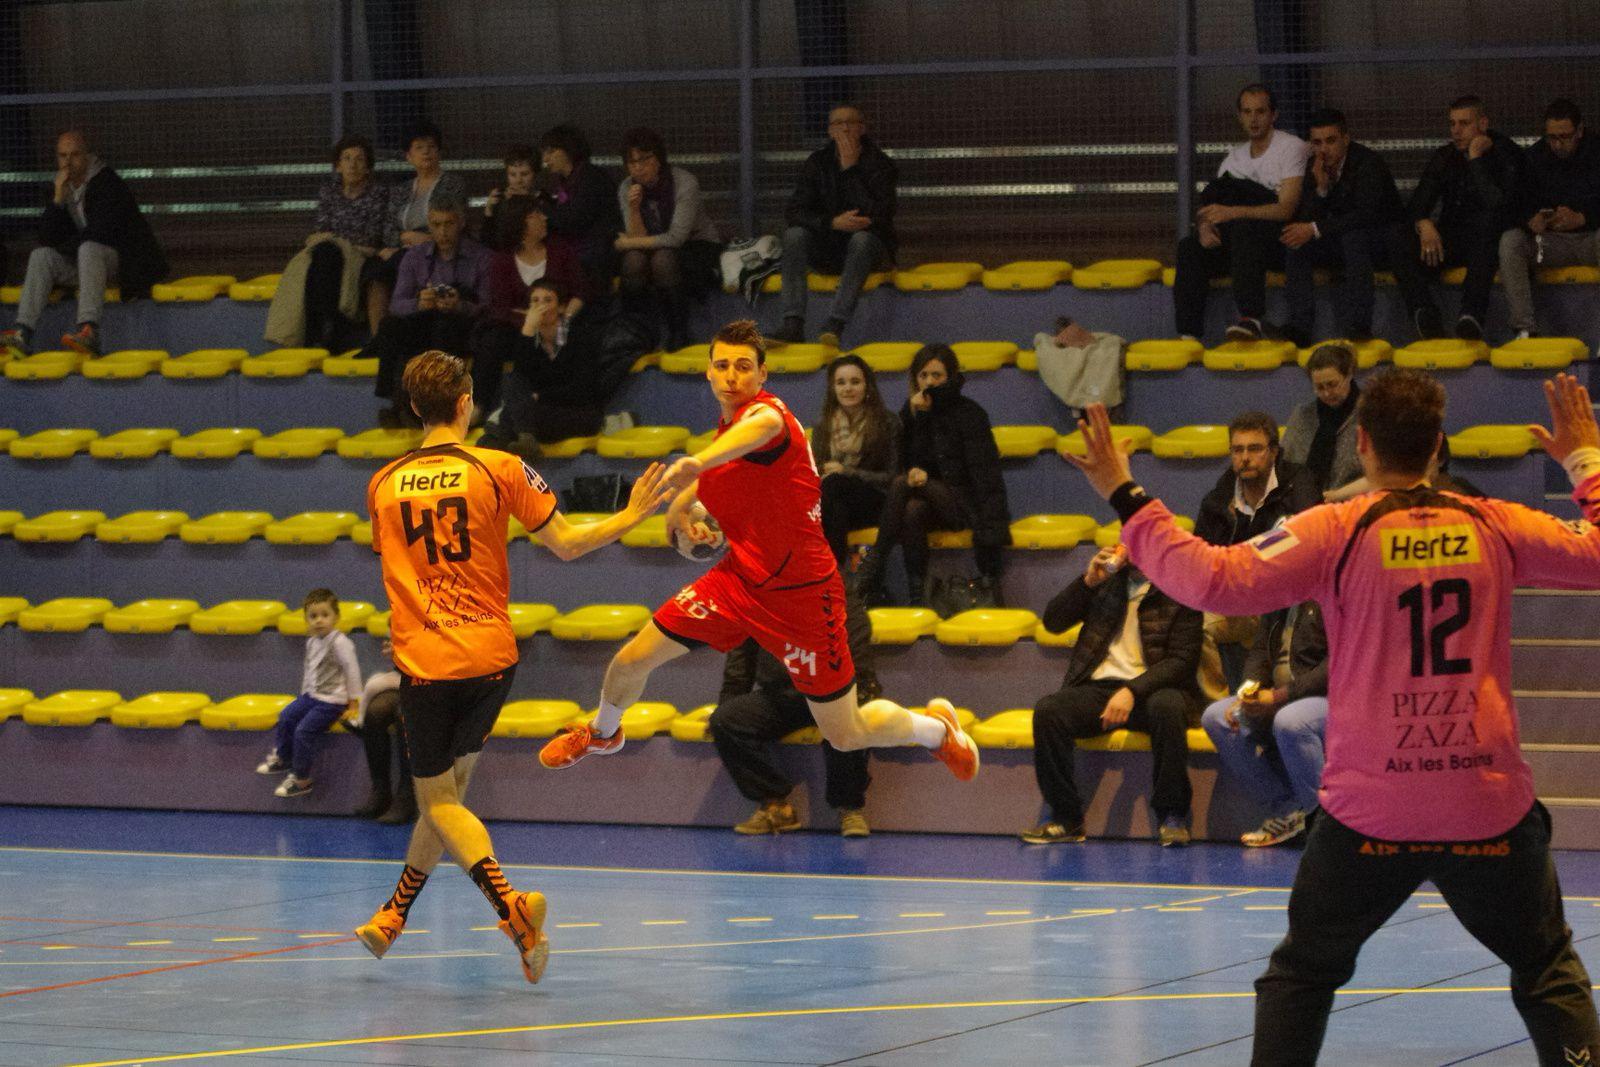 Vénissieux Handball a vaincu le signe indien en s'imposant face à Aix-les-Bains  pour la première fois depuis quelques saisons